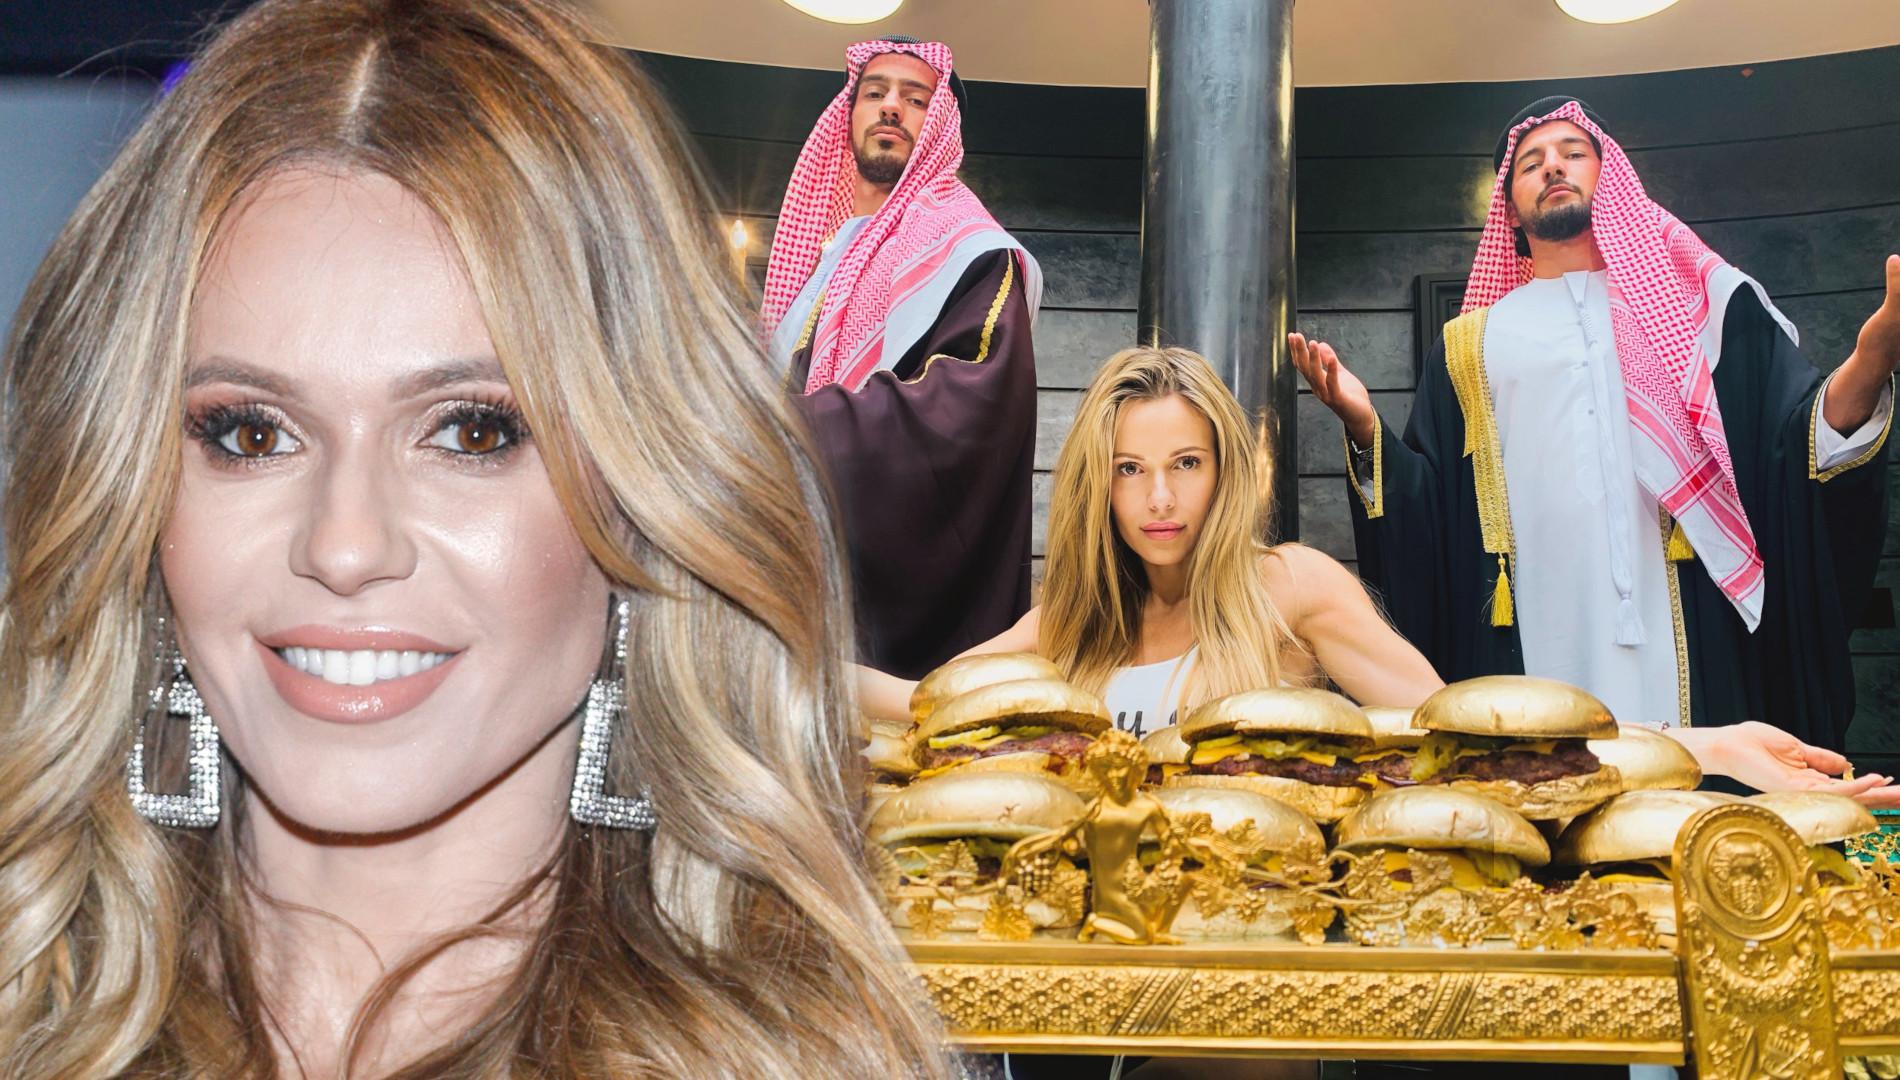 """Lacopo Riciotti – nowy przystojniak w filmie Dody. Mamy zdjęcia z PLANU """"Dziewczyn  z Dubaju""""!"""